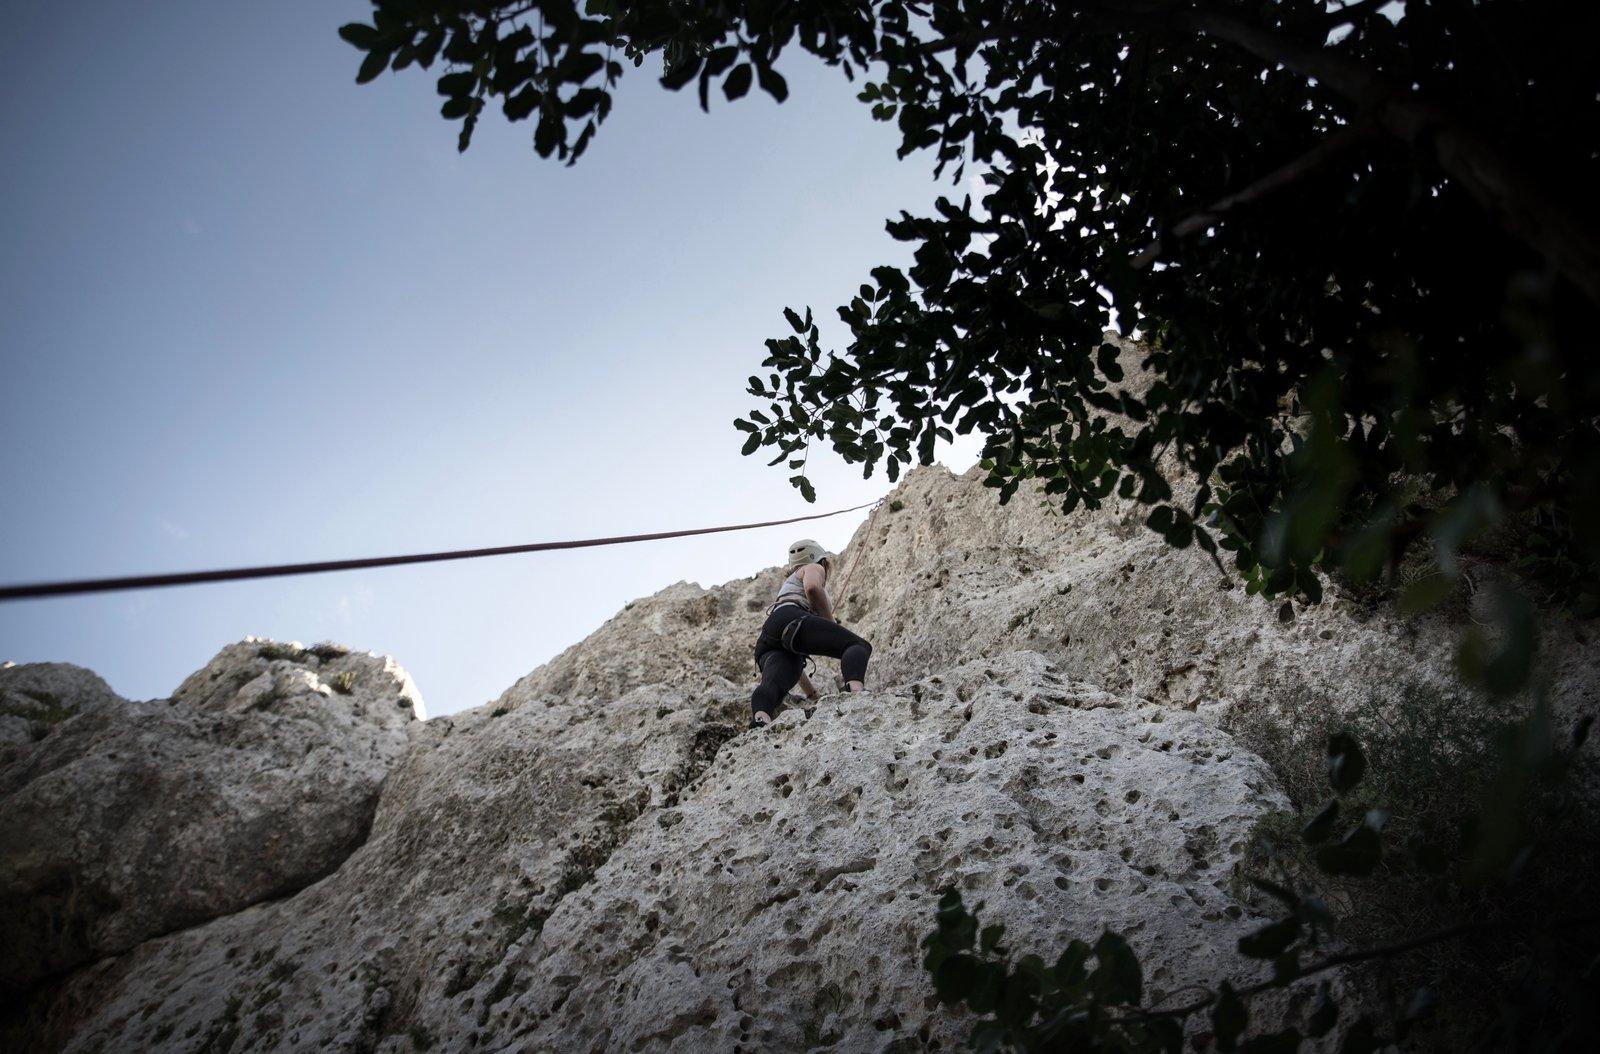 Début de l'escale à Malte Mġarr ix-Xini